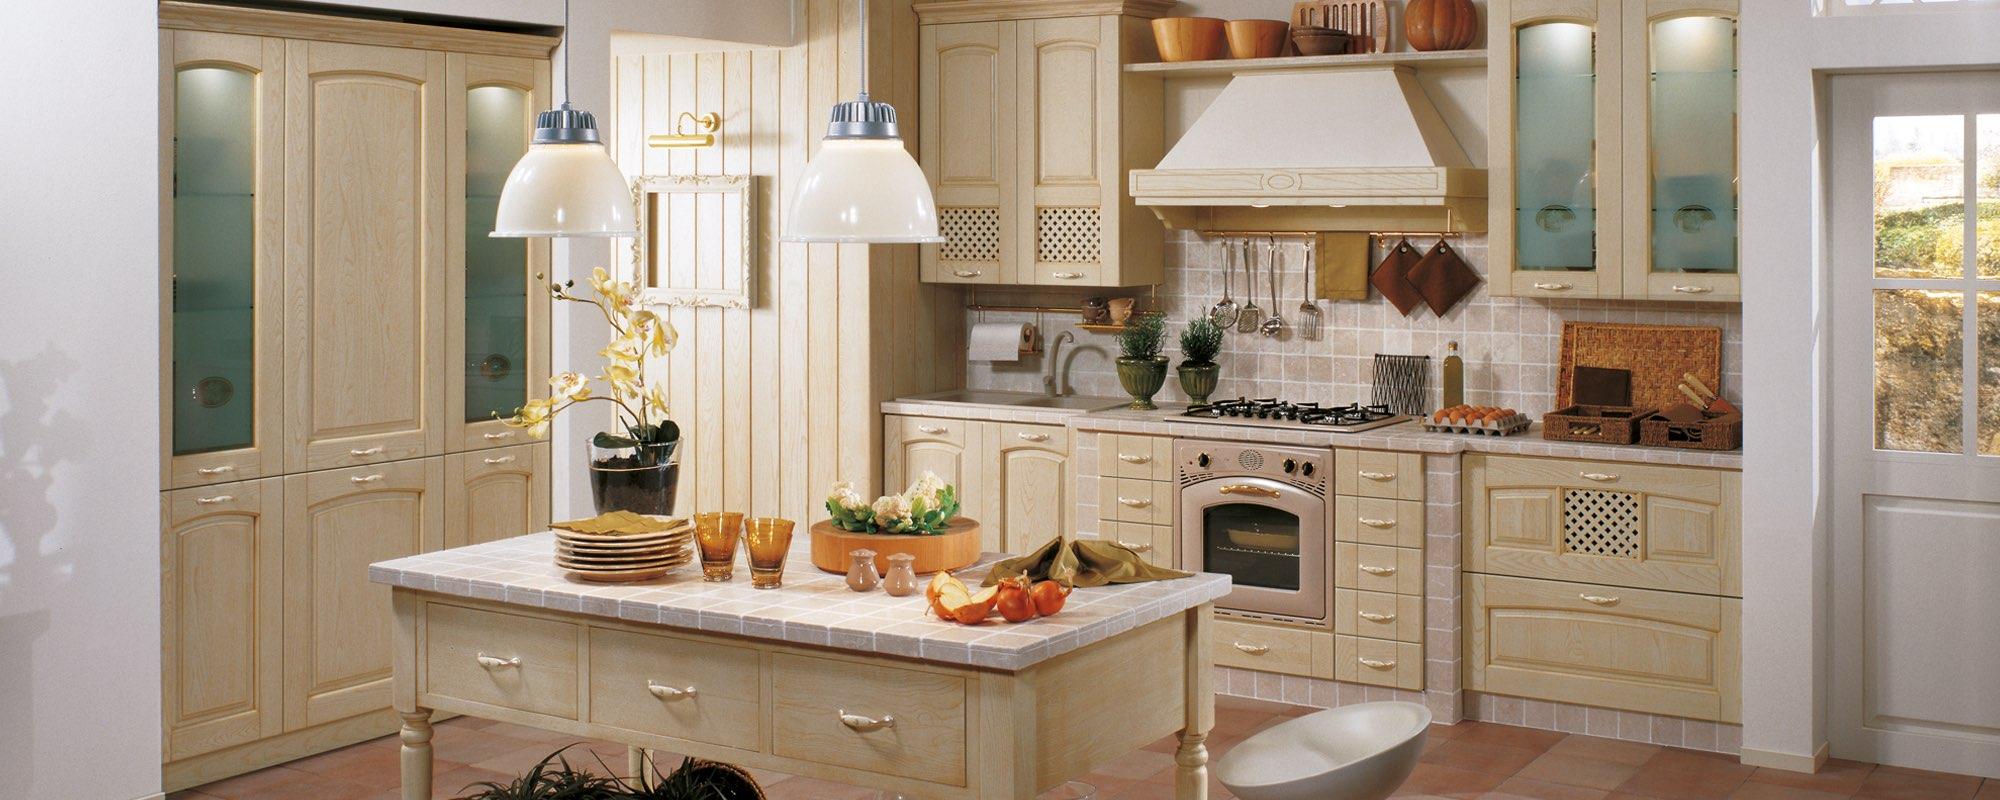 cucina stosa classica in legno giallo-GINVERA